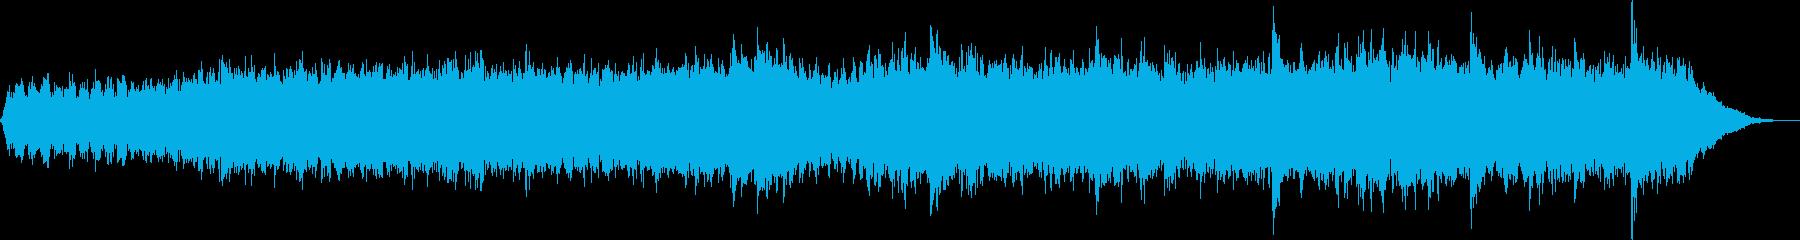 瞑想向けの電子アンビエントの再生済みの波形